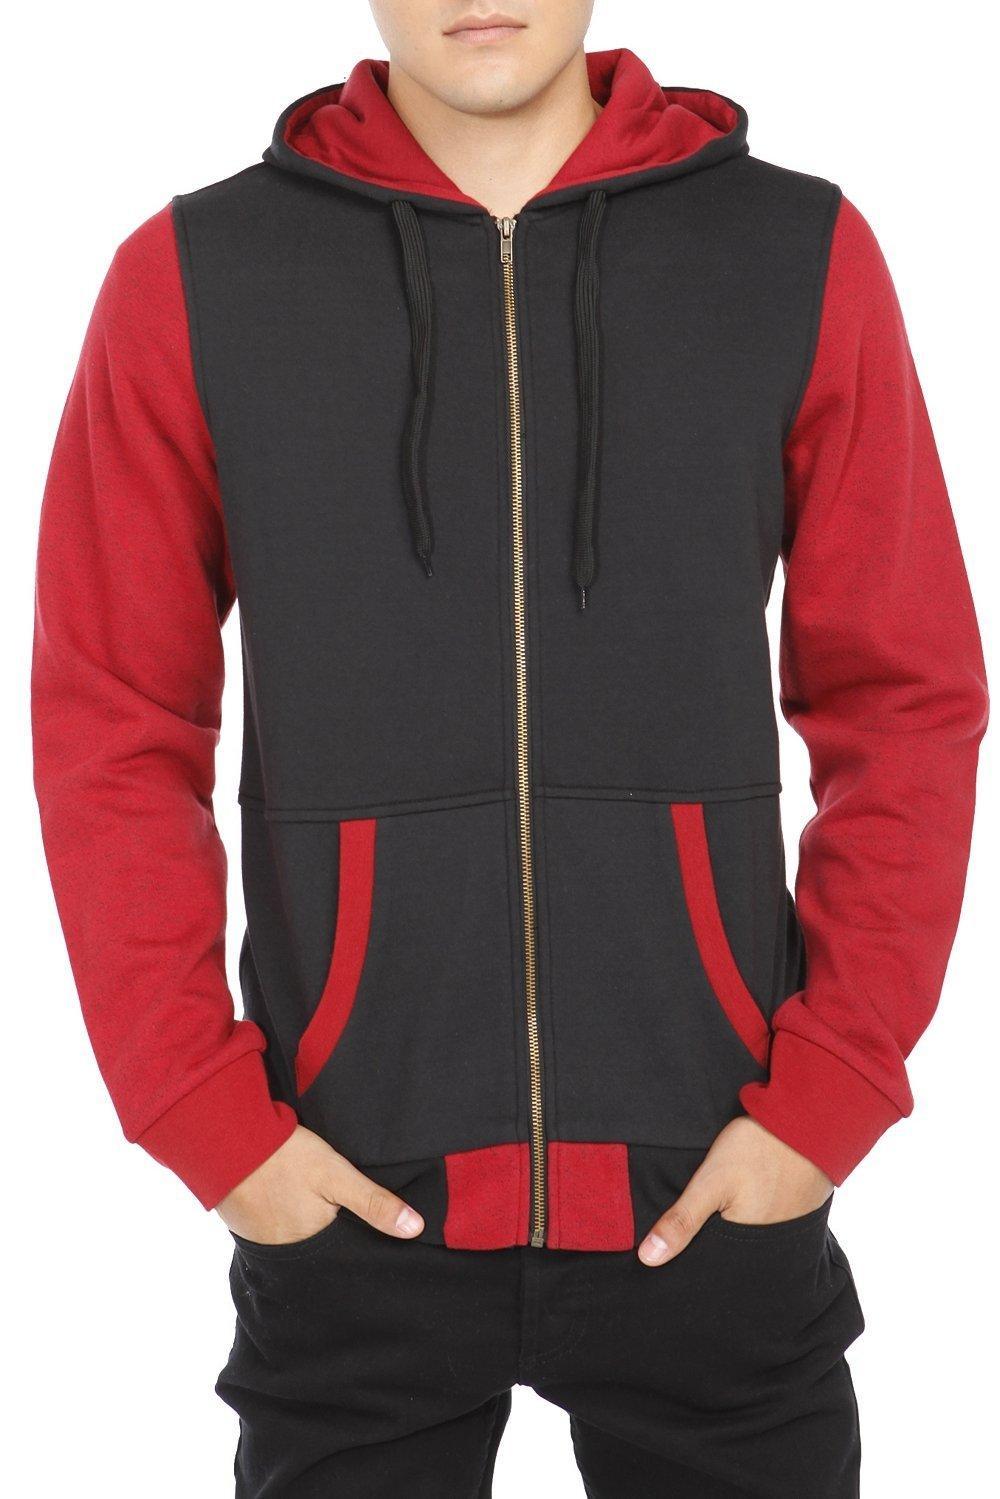 Discounted) Rude Black Red Speckle Zip Hoodie